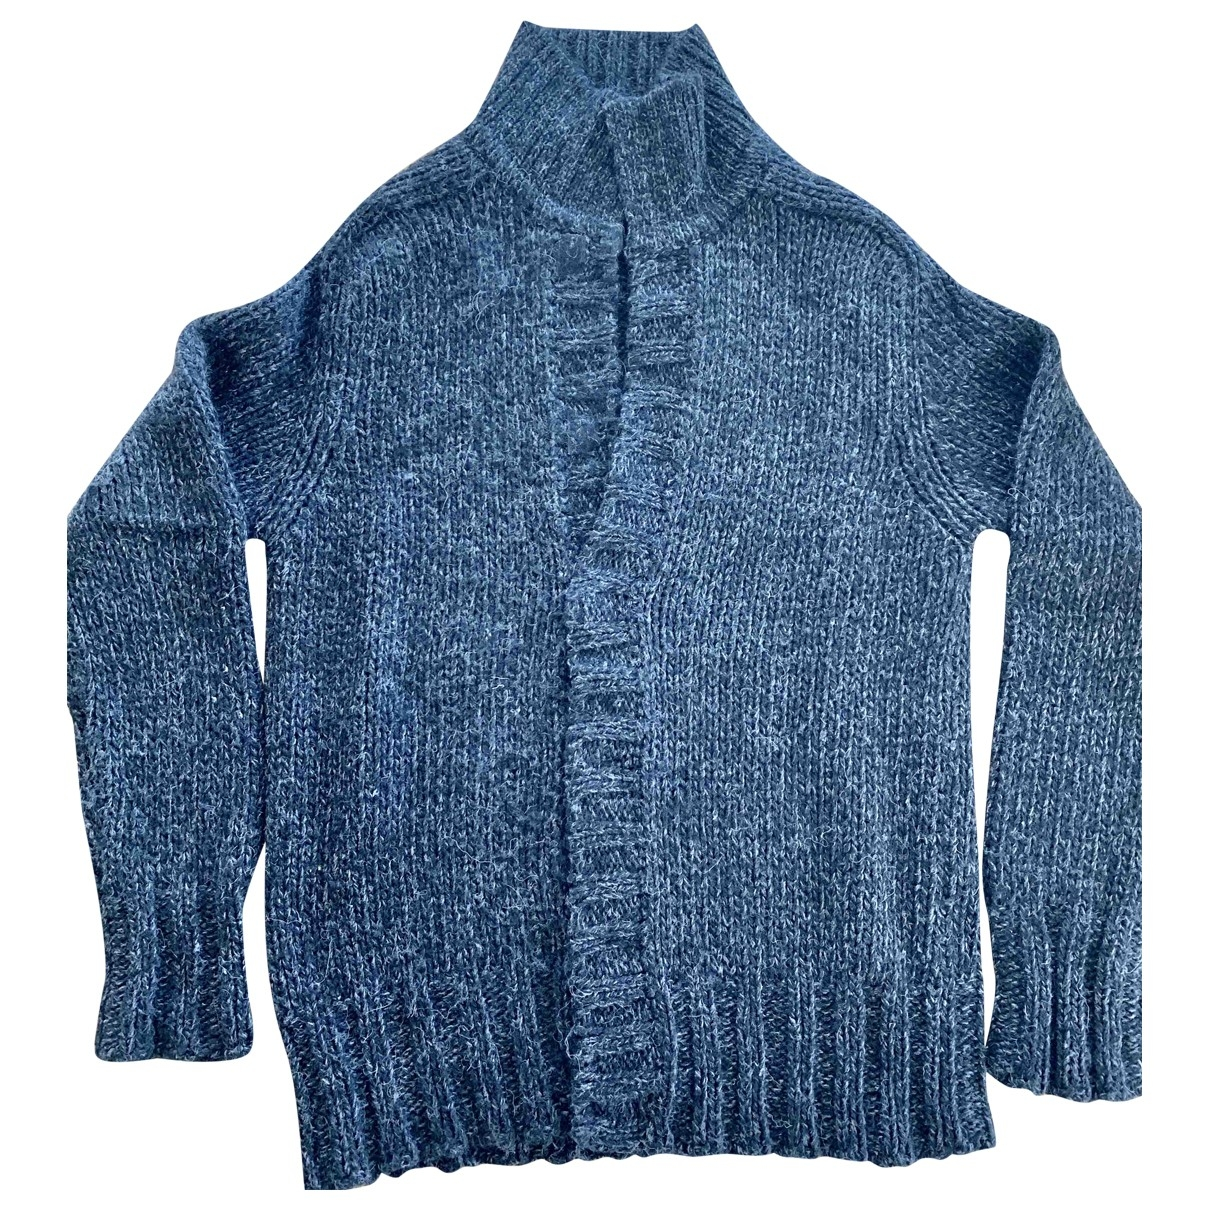 D&g - Pulls.Gilets.Sweats   pour homme en laine - gris